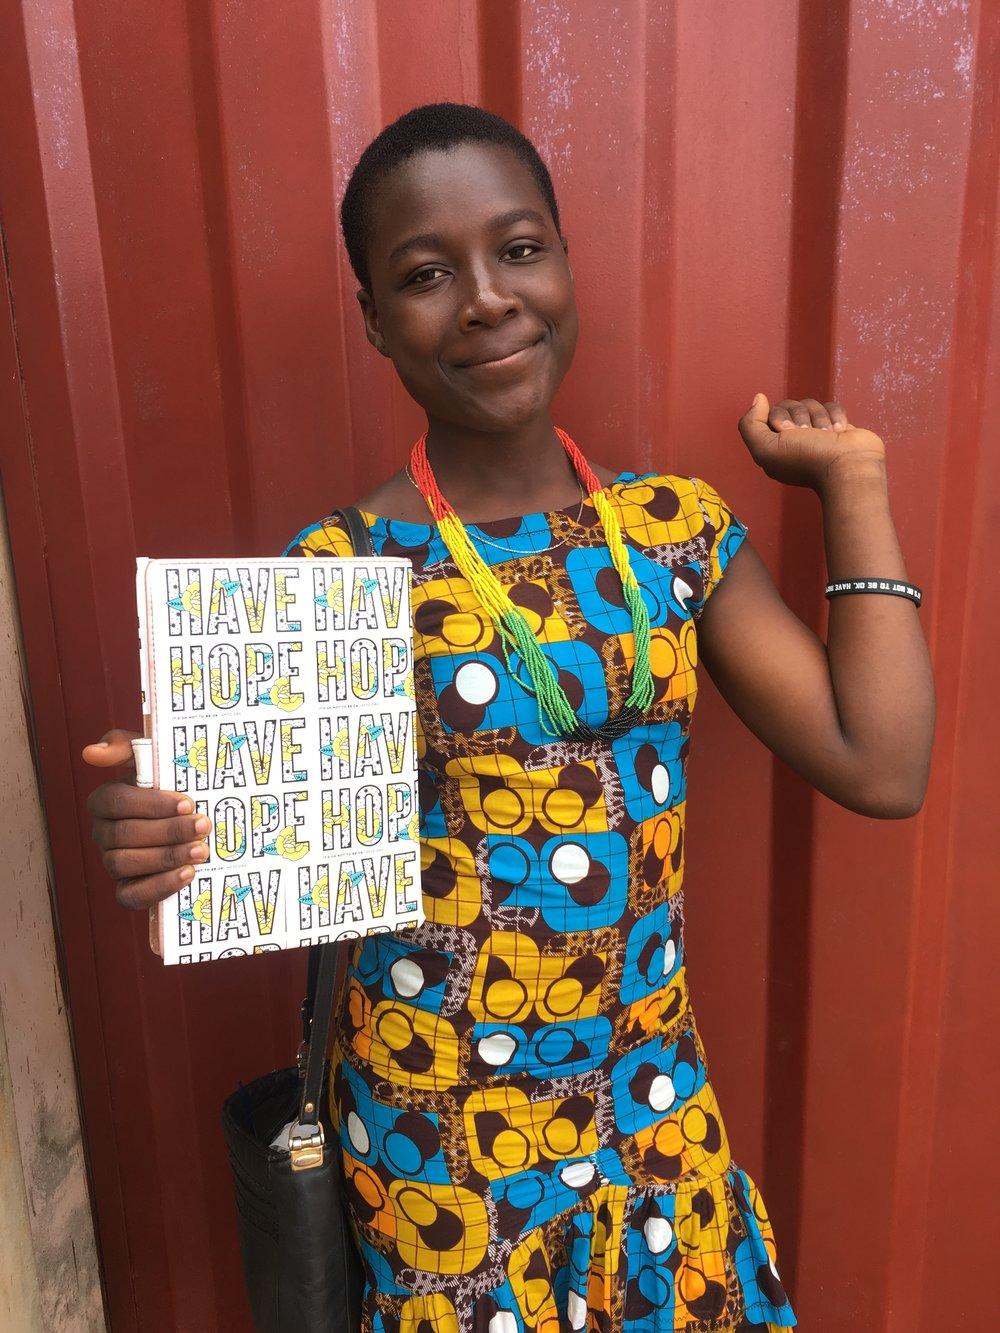 Apene with HFTD gear in Ghana. Photo: Nancy Bartosz